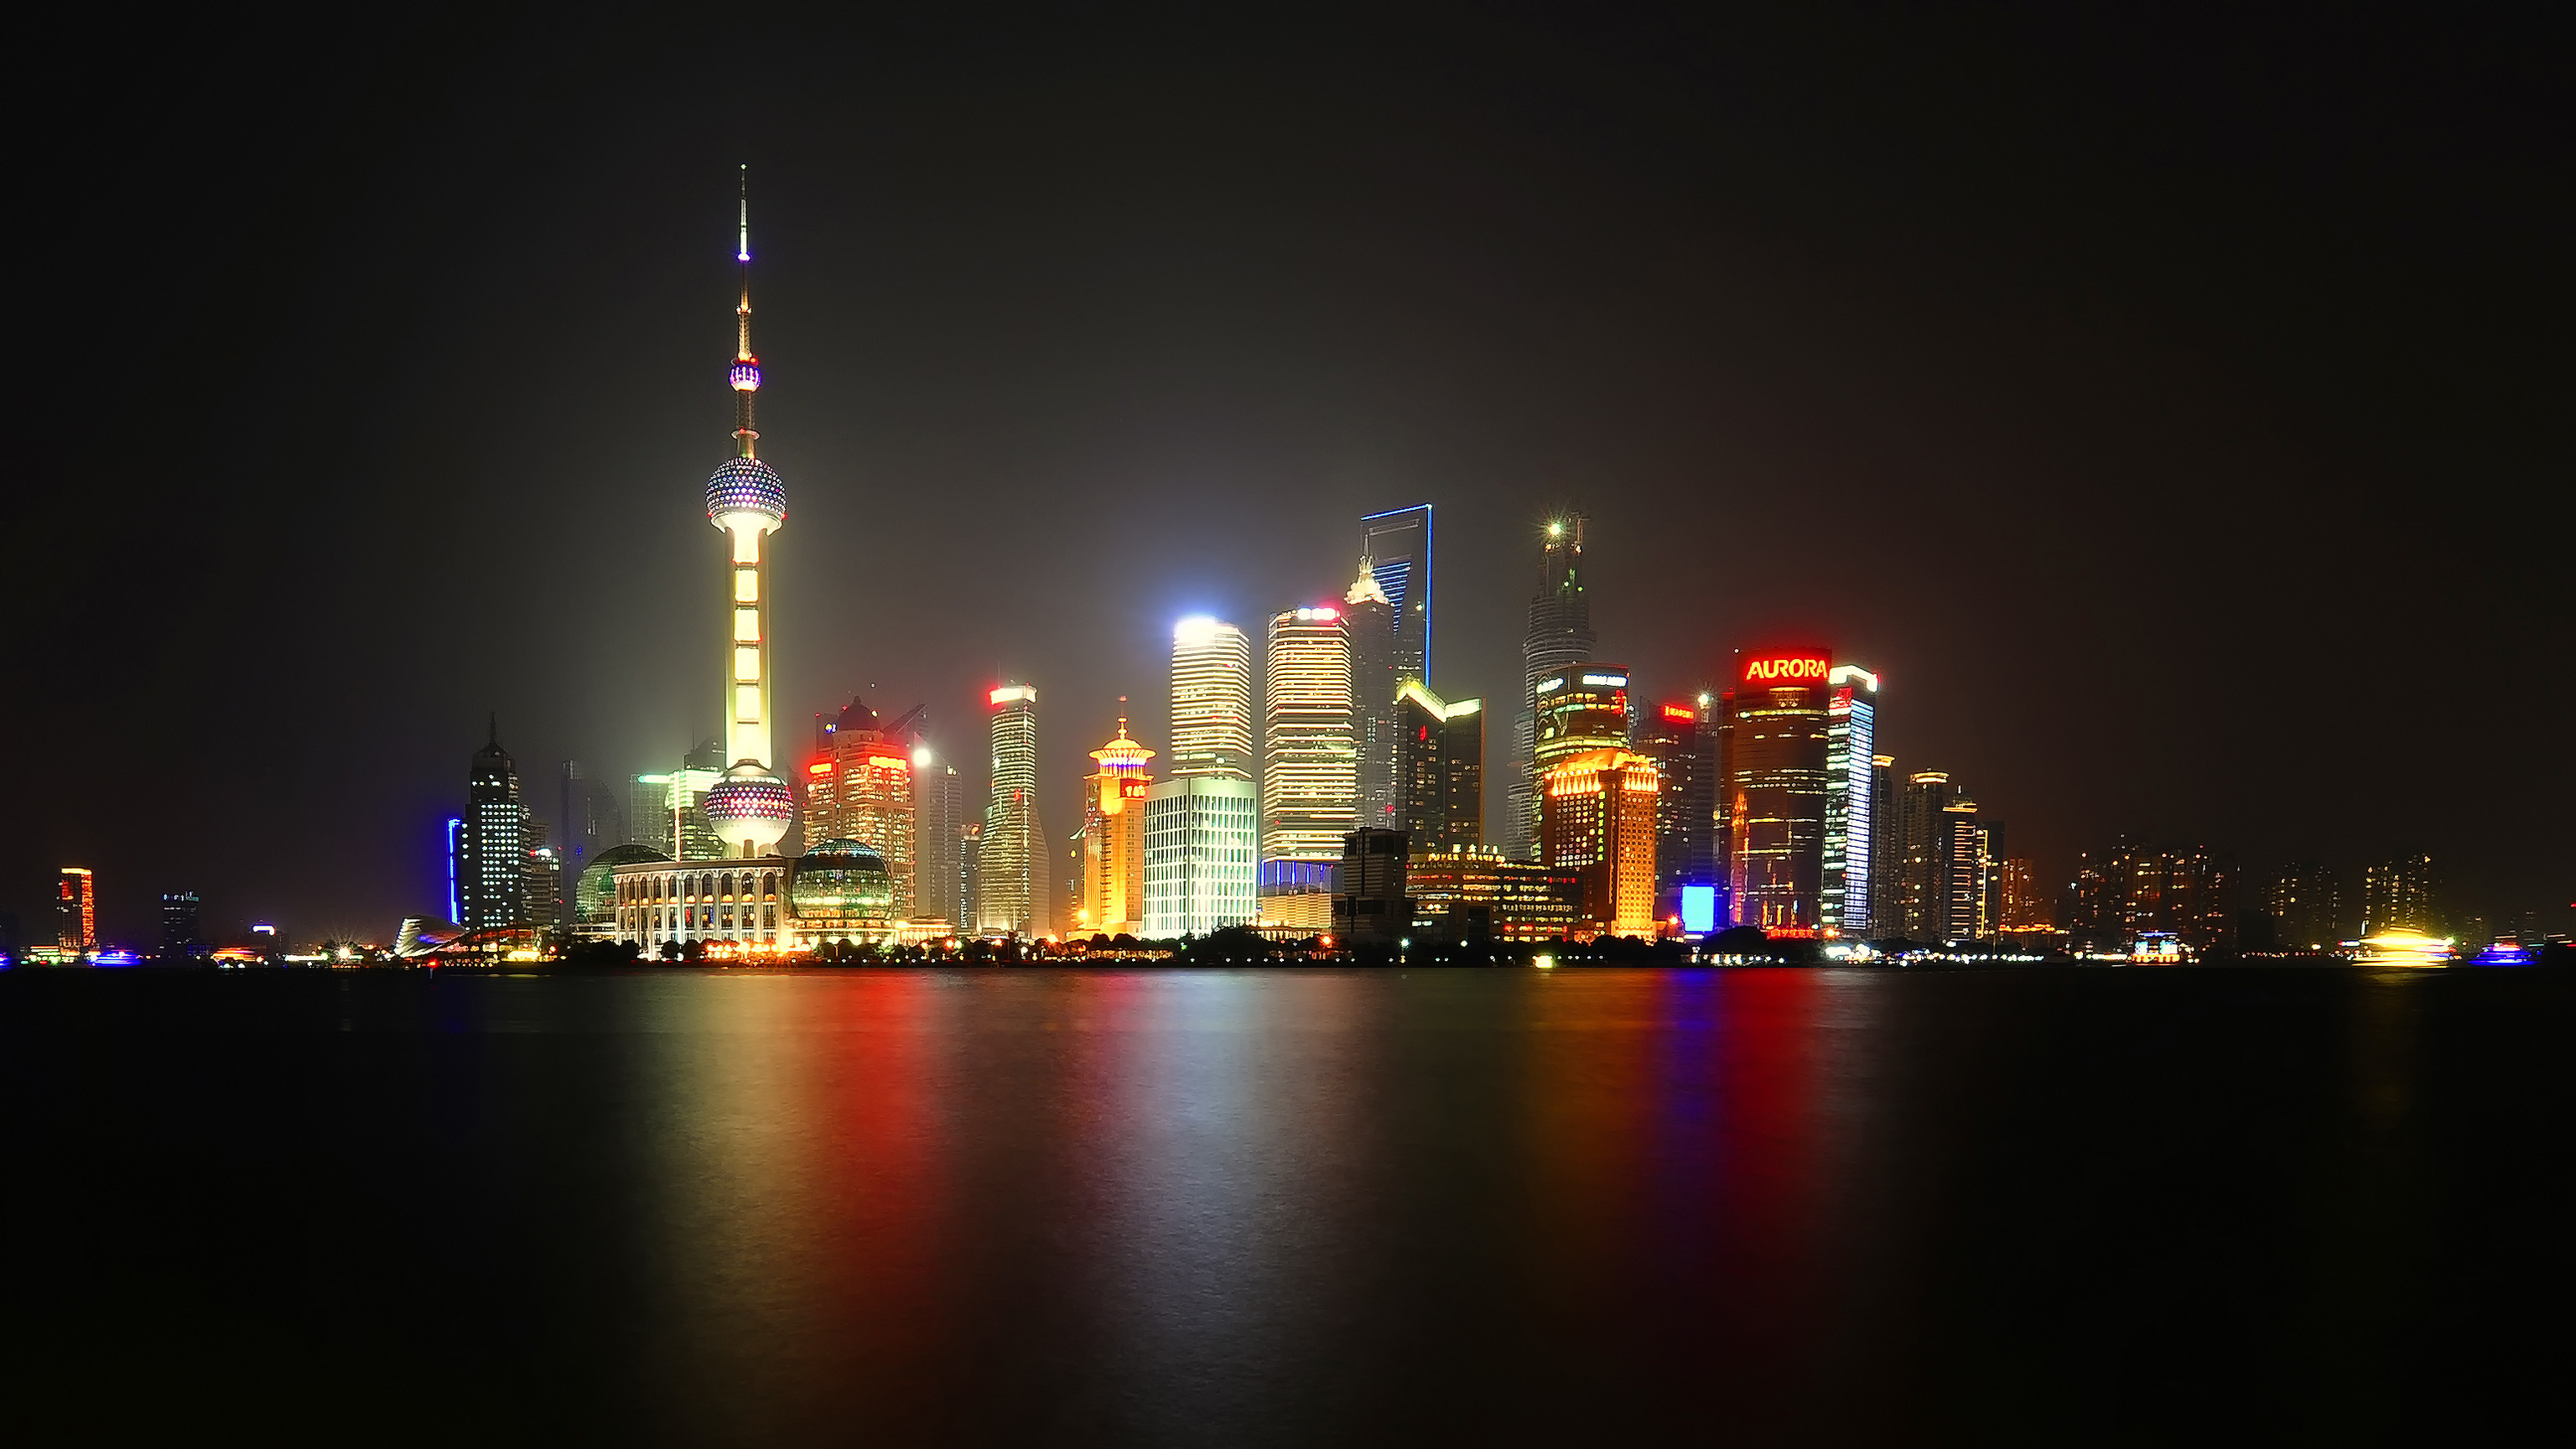 Clouds Wall Mural Shanghai Skyline Wallpaper Wallpapersafari